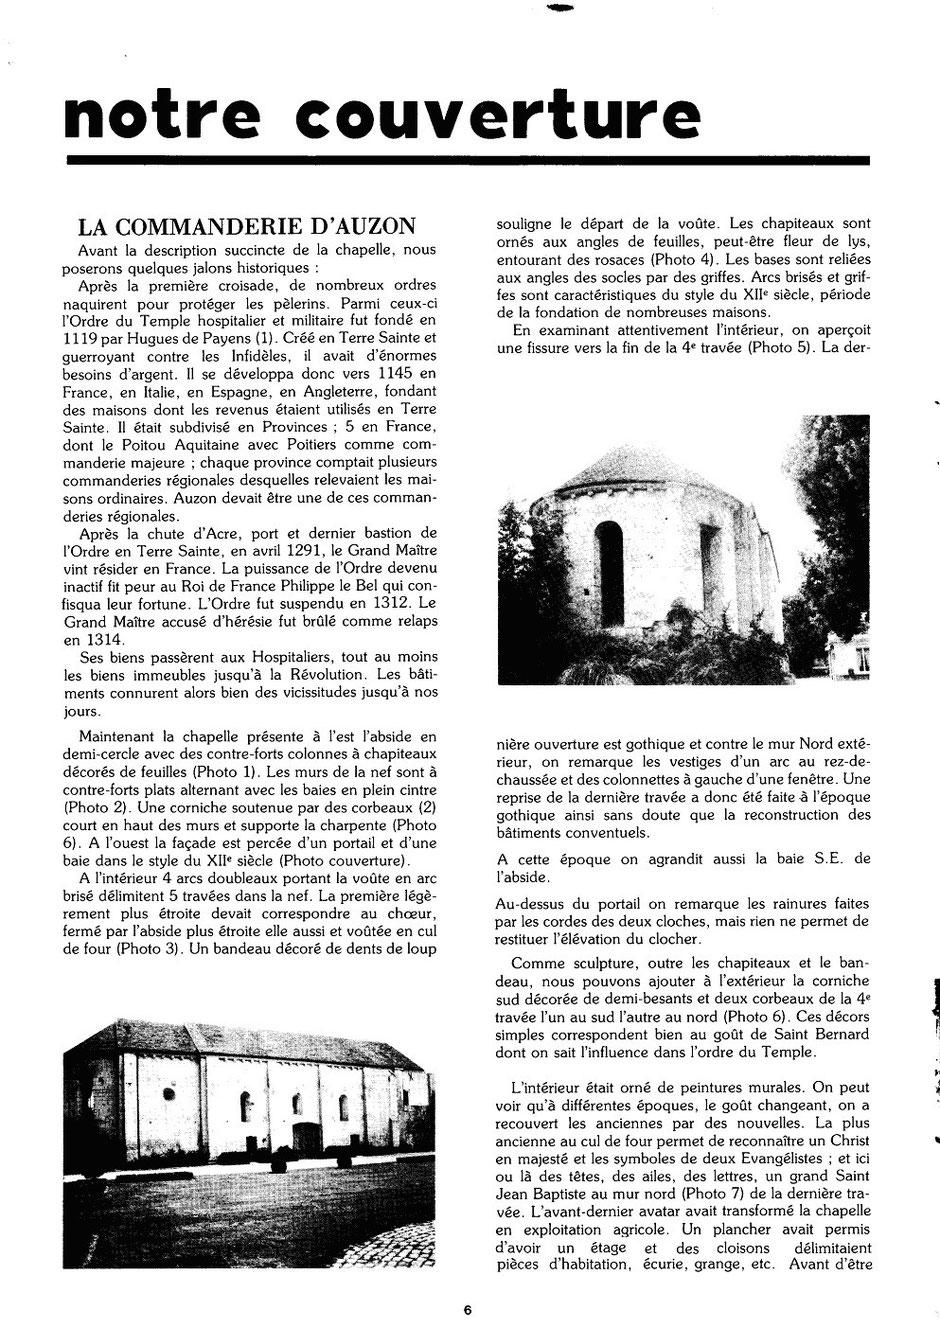 Le Glaneur Châtelleraudais – n° 52 – La commanderie d'Auzon - 1978 p.6